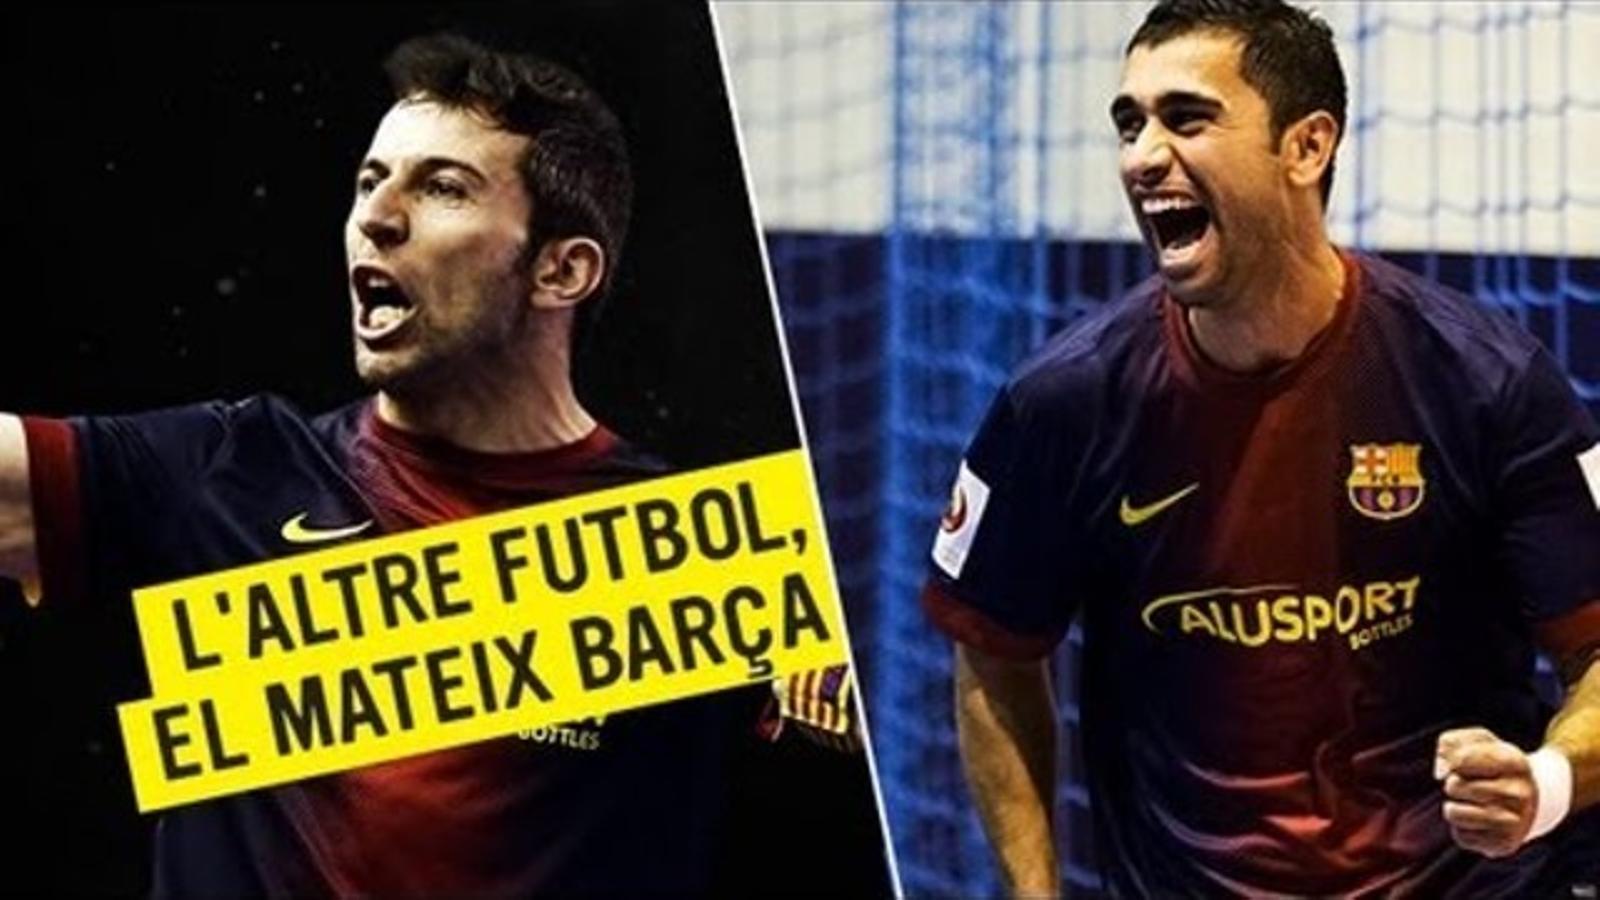 L'altre futbol, el mateix Barça